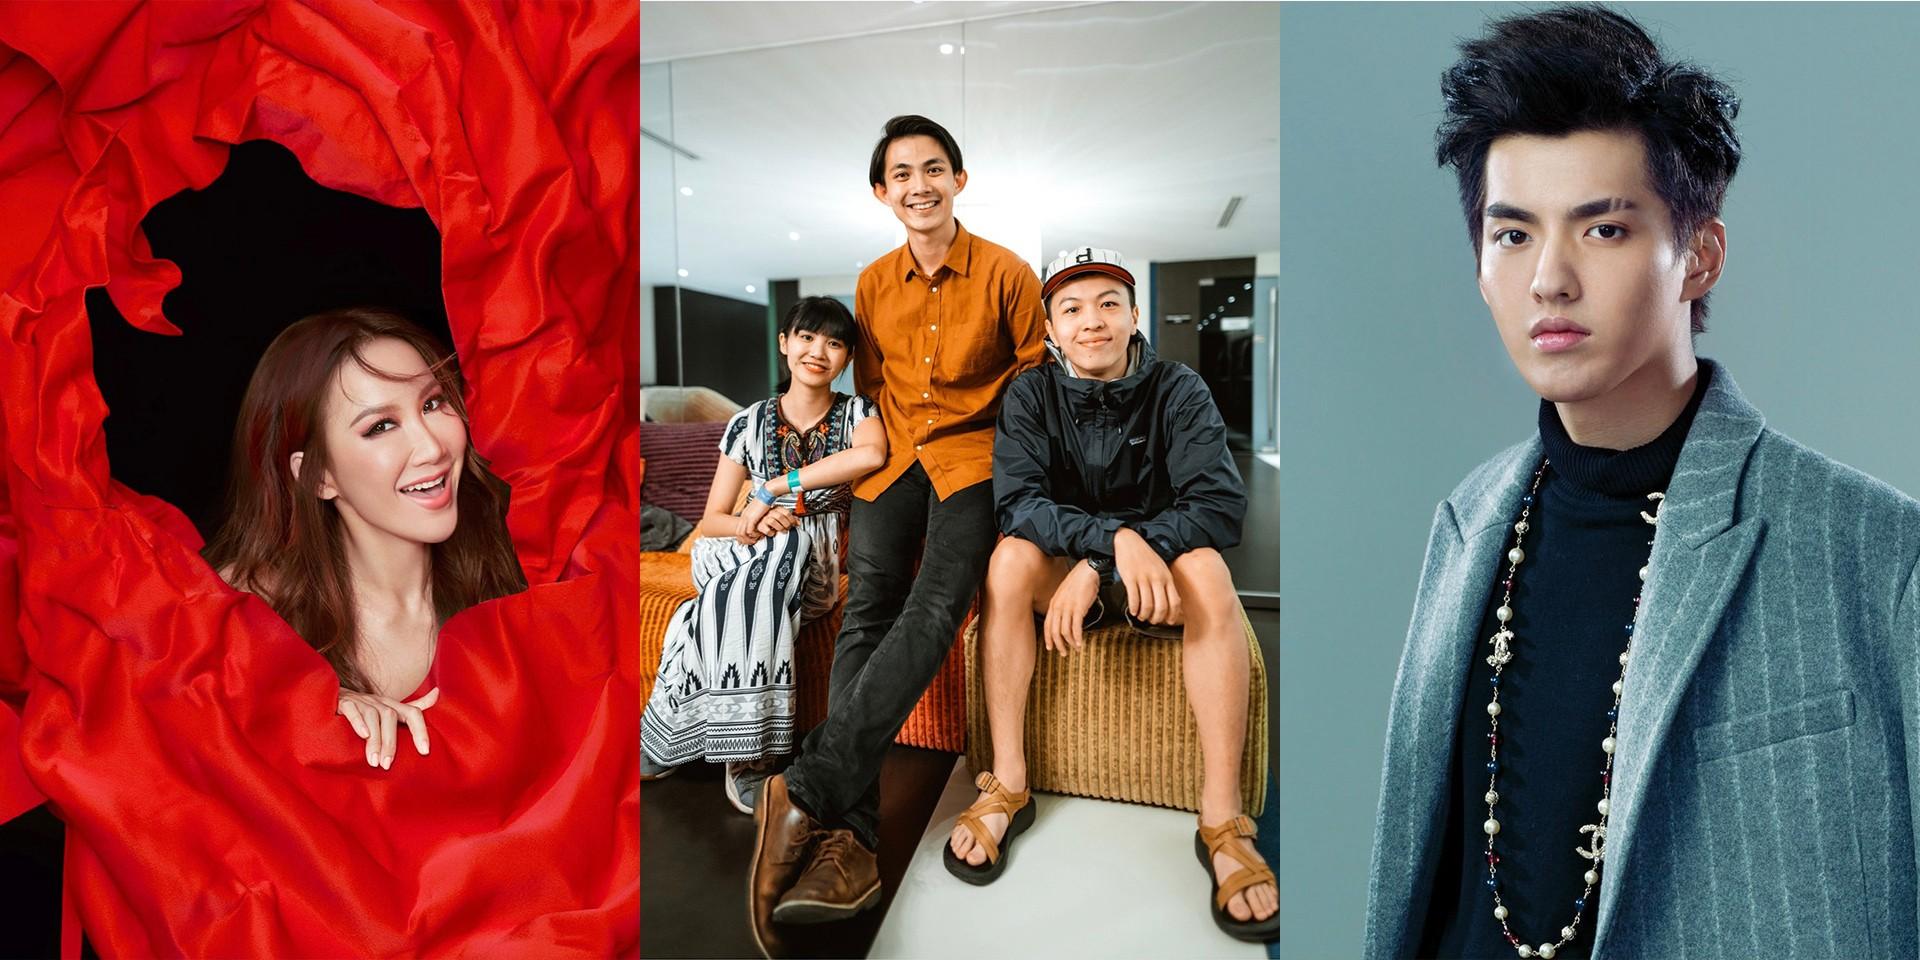 李玟、大象体操、吴亦凡:上两周哪些歌手发行了新歌